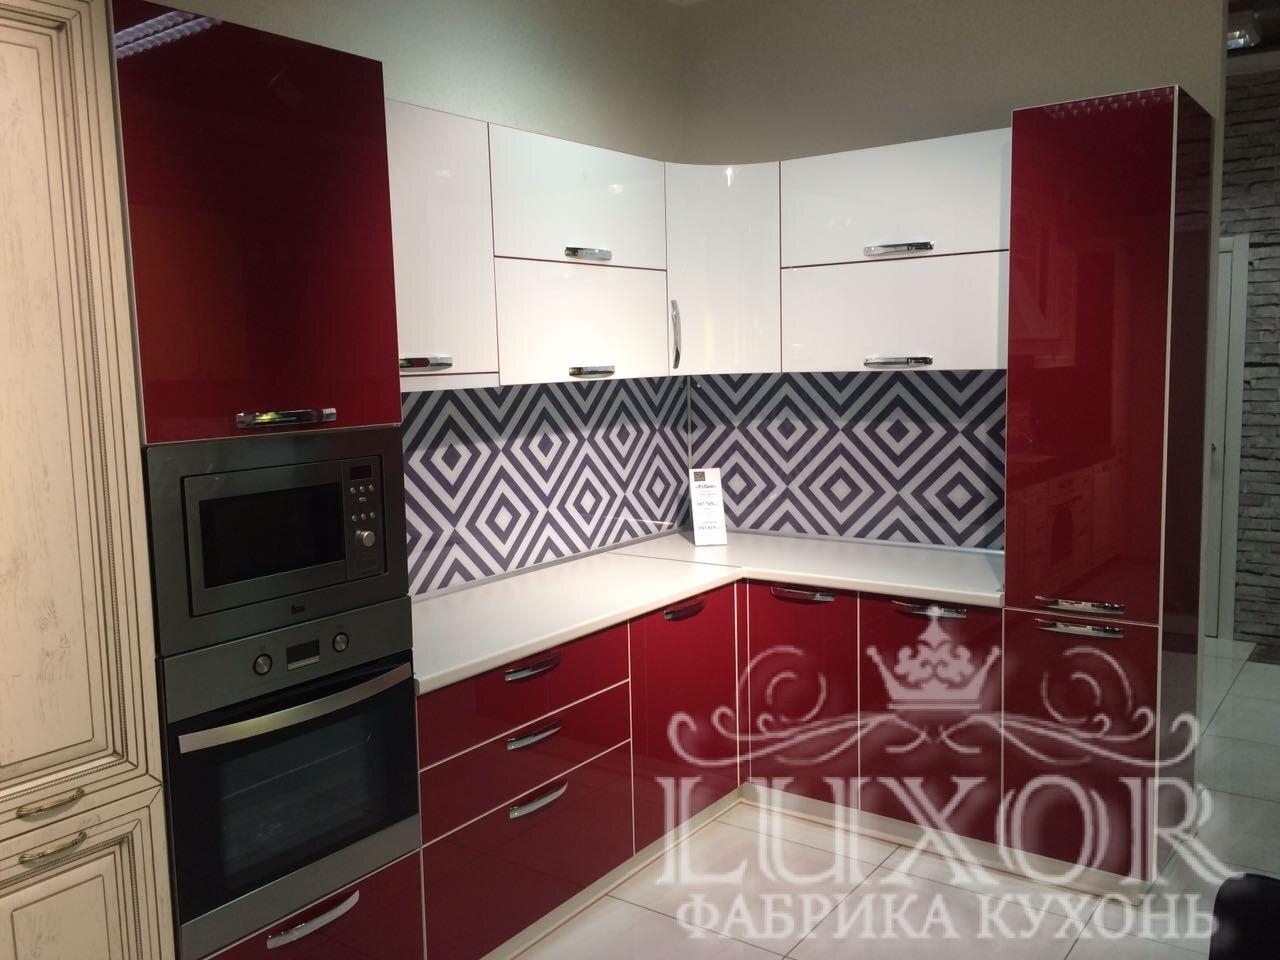 Кухня Матье - изображение